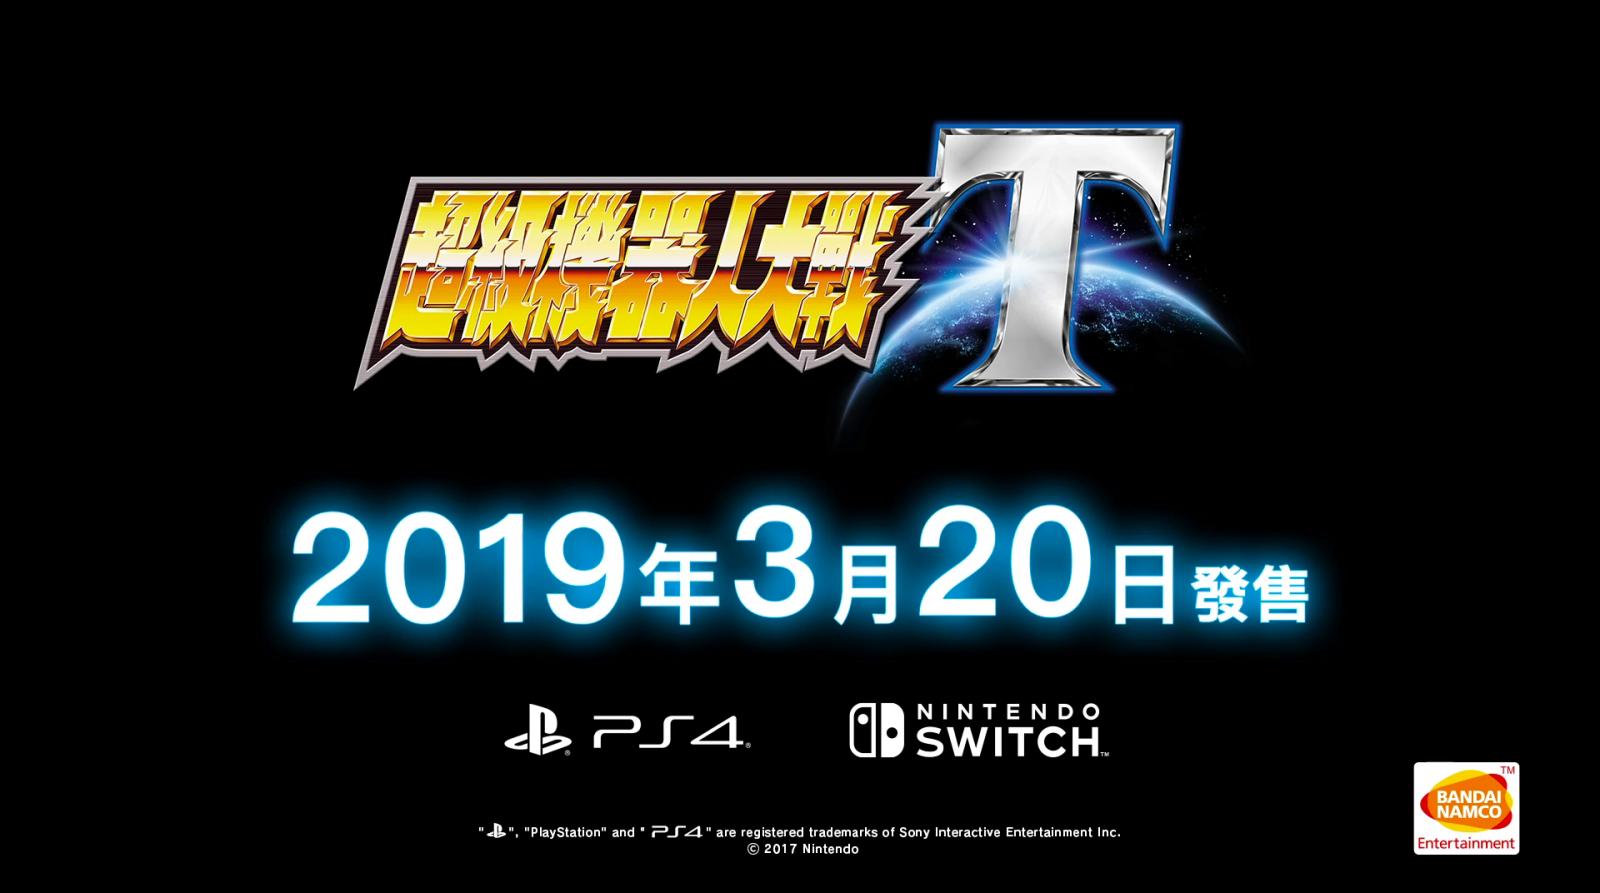 《超级机器人大战T》将在3月20日正式发售,登录 PS4 和 NS 平台